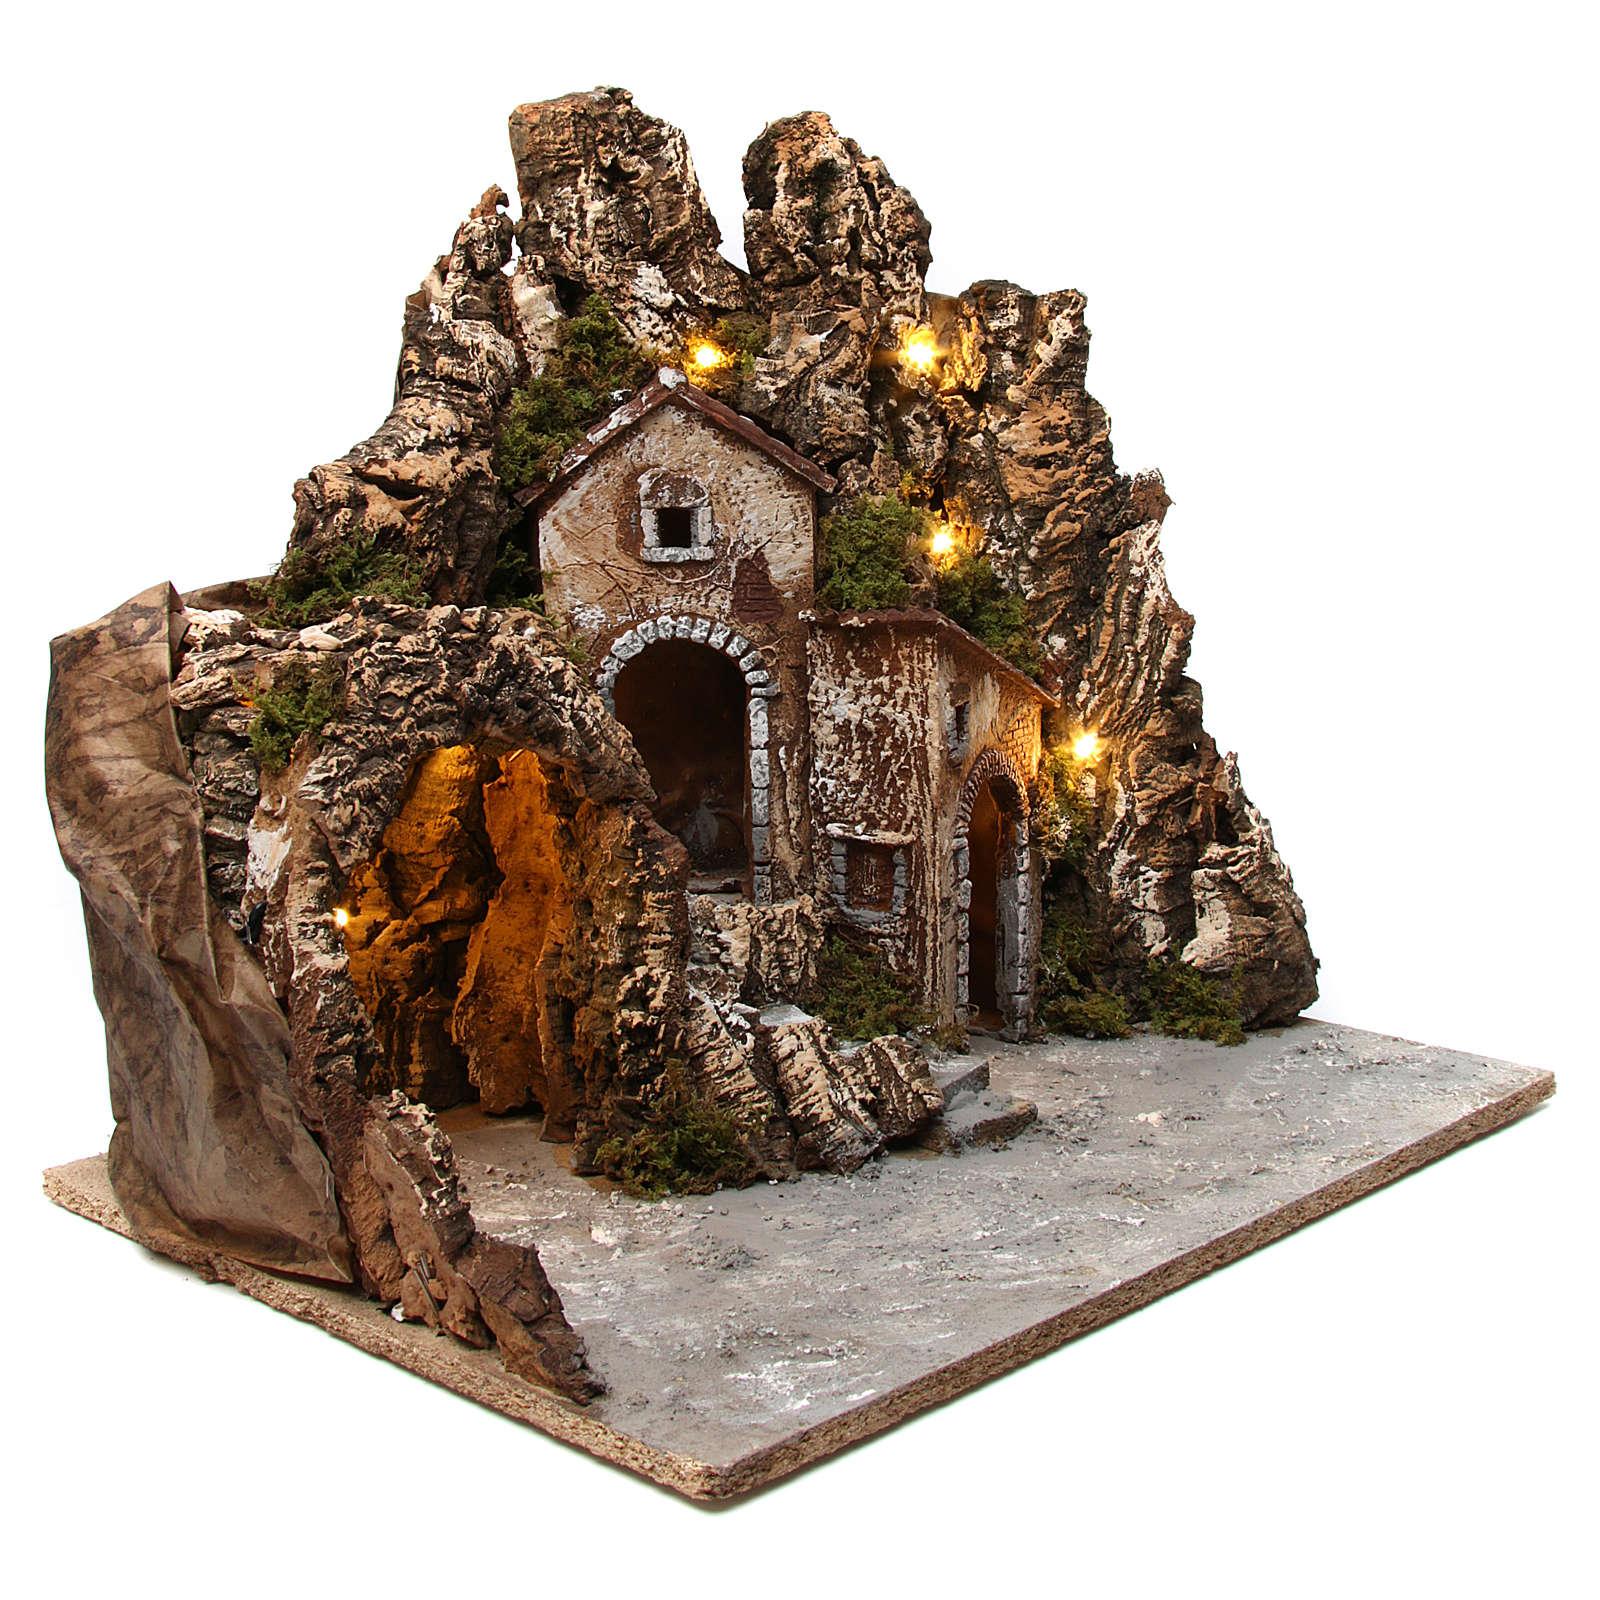 Ambiente presepe illuminato con grotta e casette 55X60X60 cm legno e sughero 4